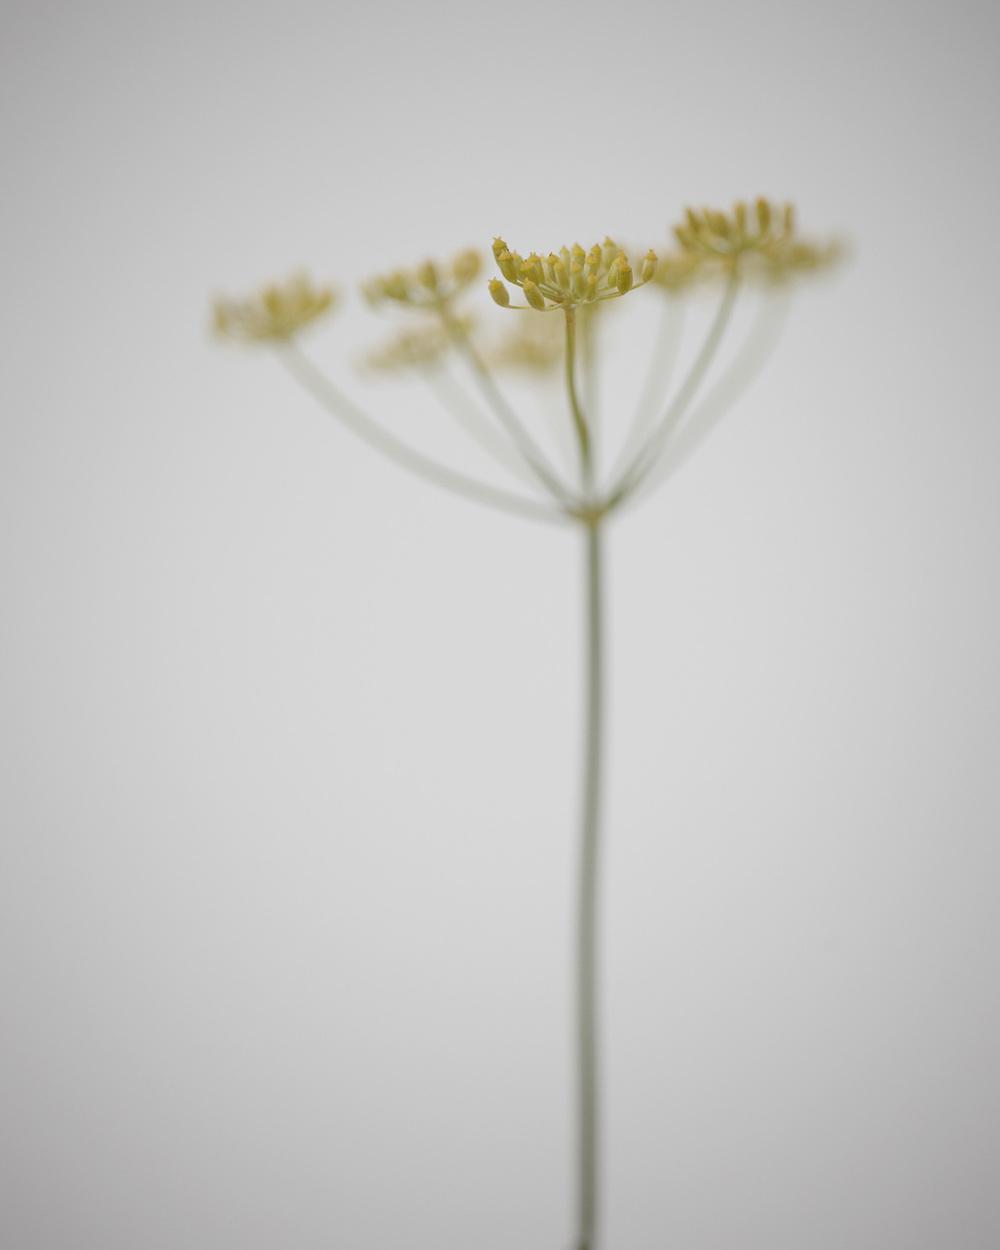 11_Weeds.jpg